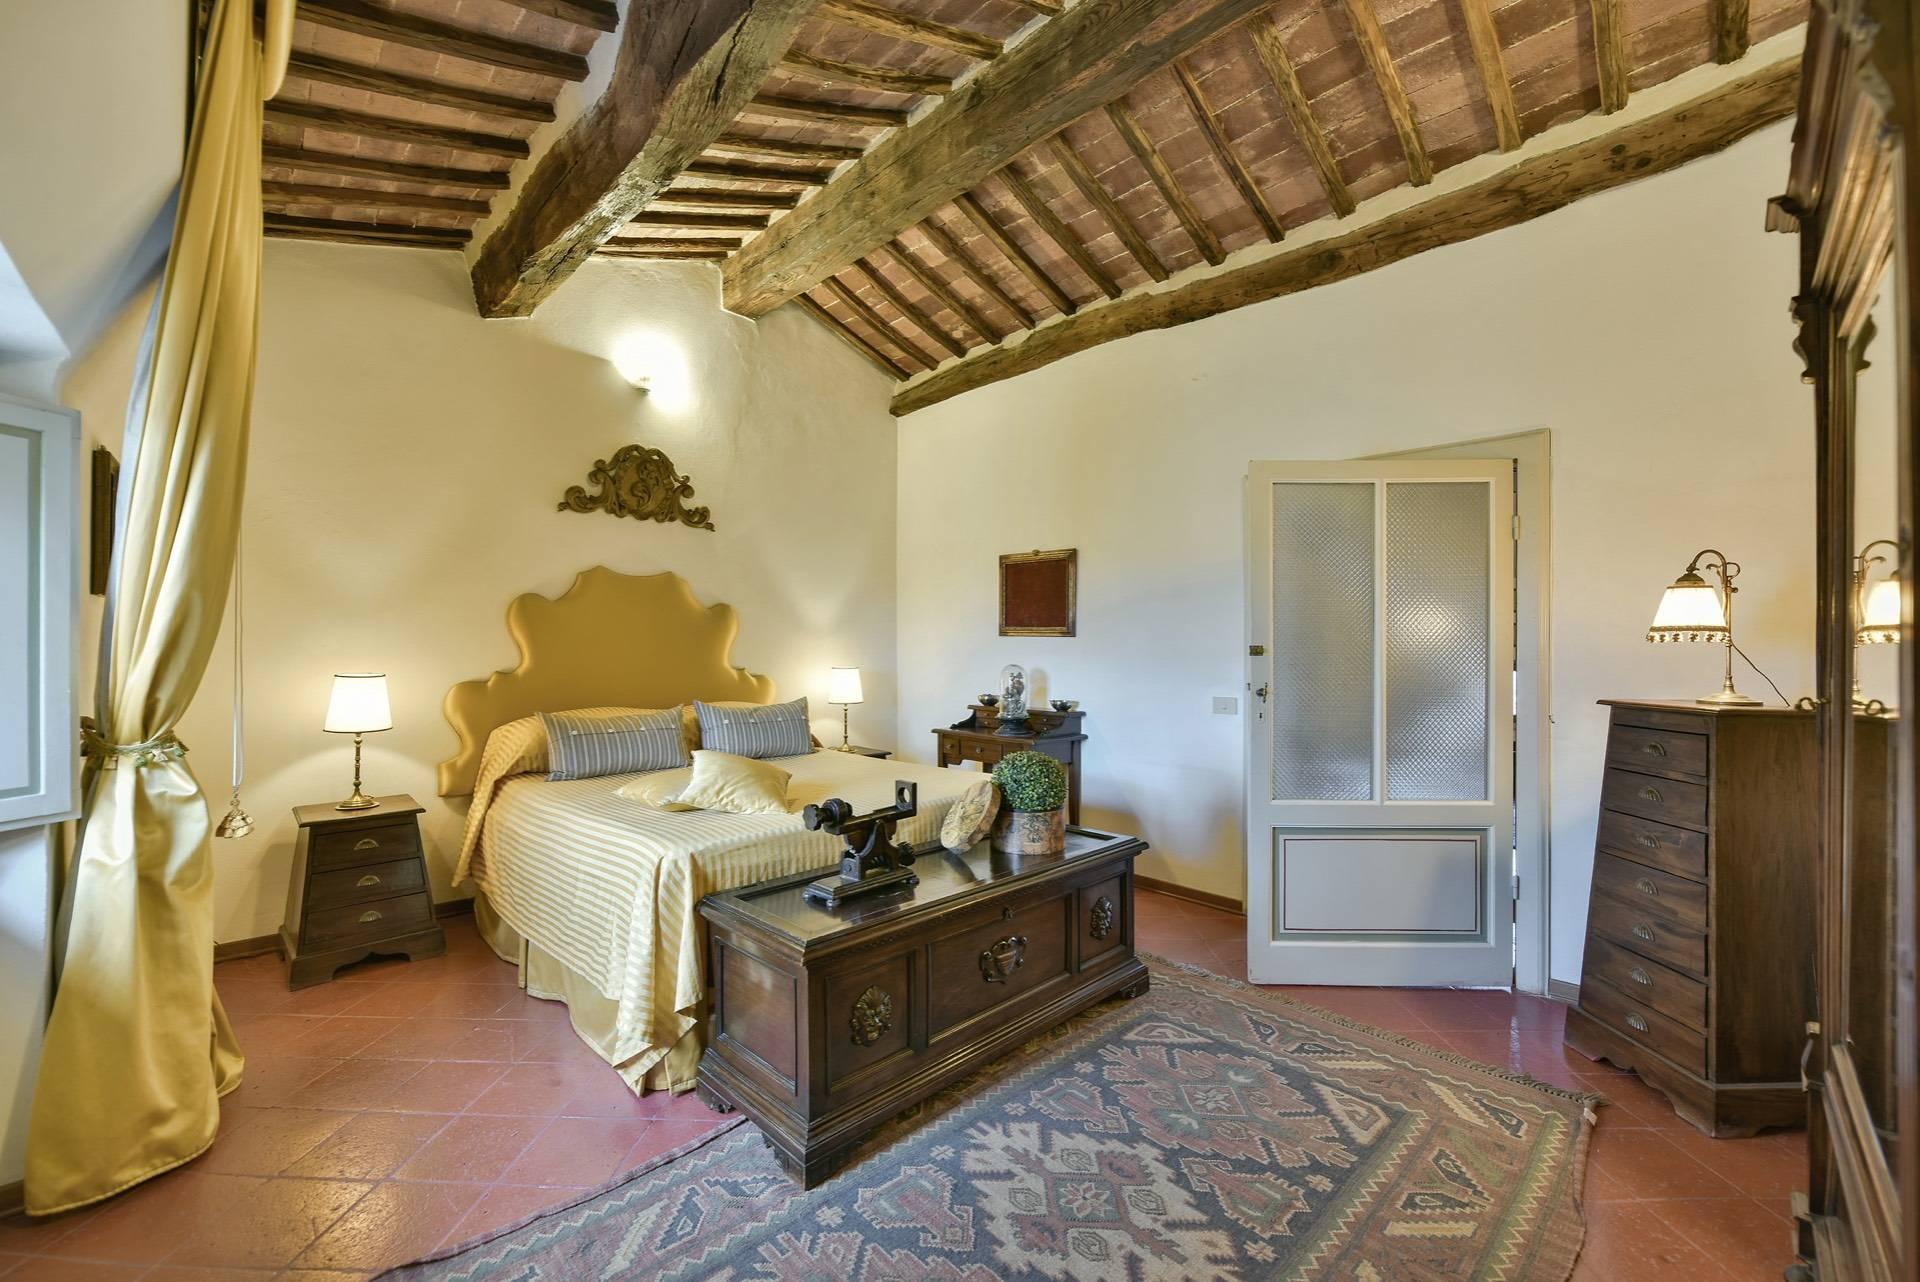 Appartamento in Vendita a Siena: 3 locali, 100 mq - Foto 4